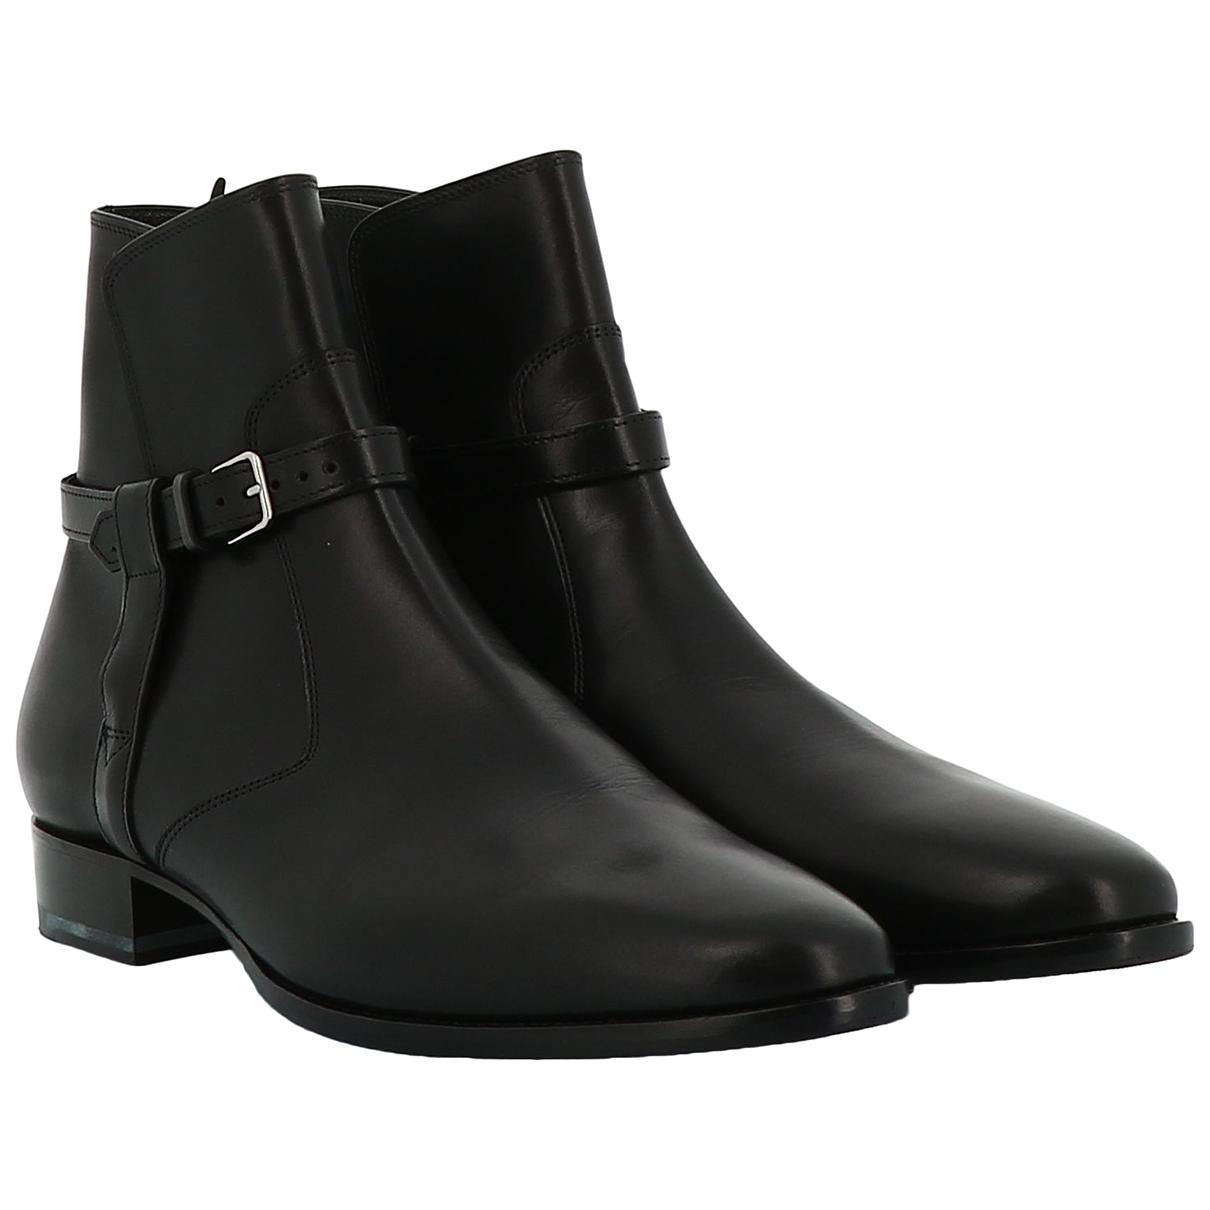 Saint Laurent N Black Leather Boots for Men 41 EU